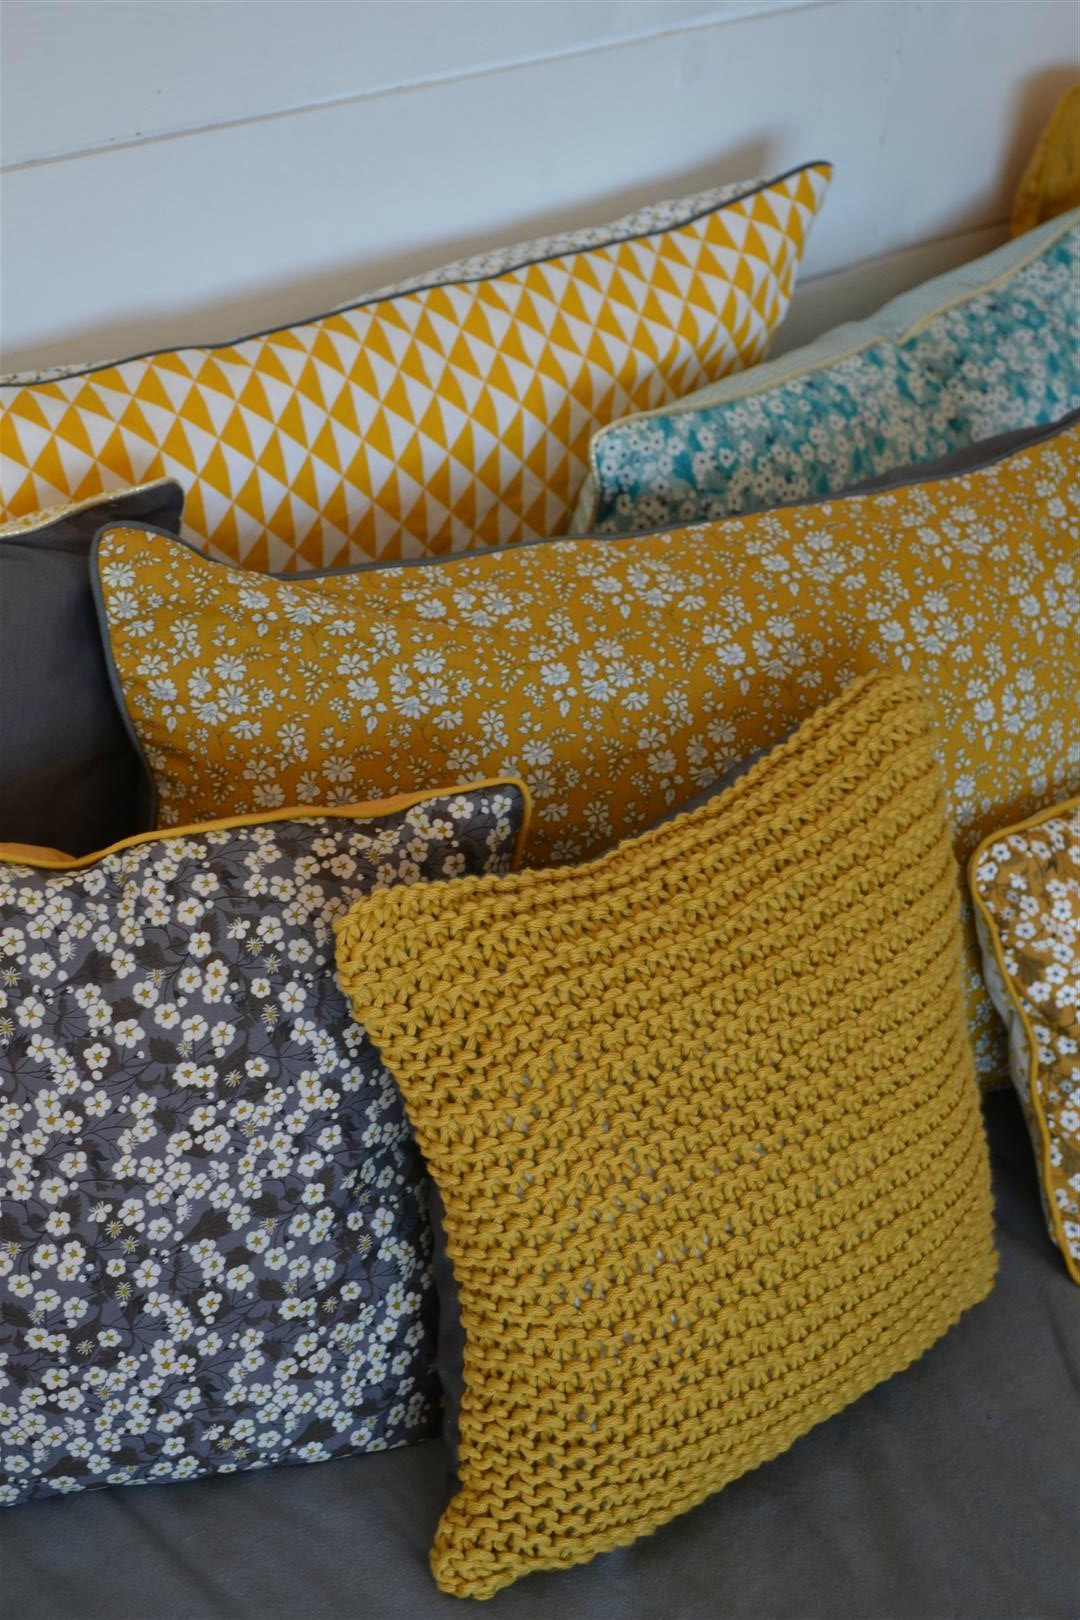 Tricoter housse coussin   Idées de tricot gratuit